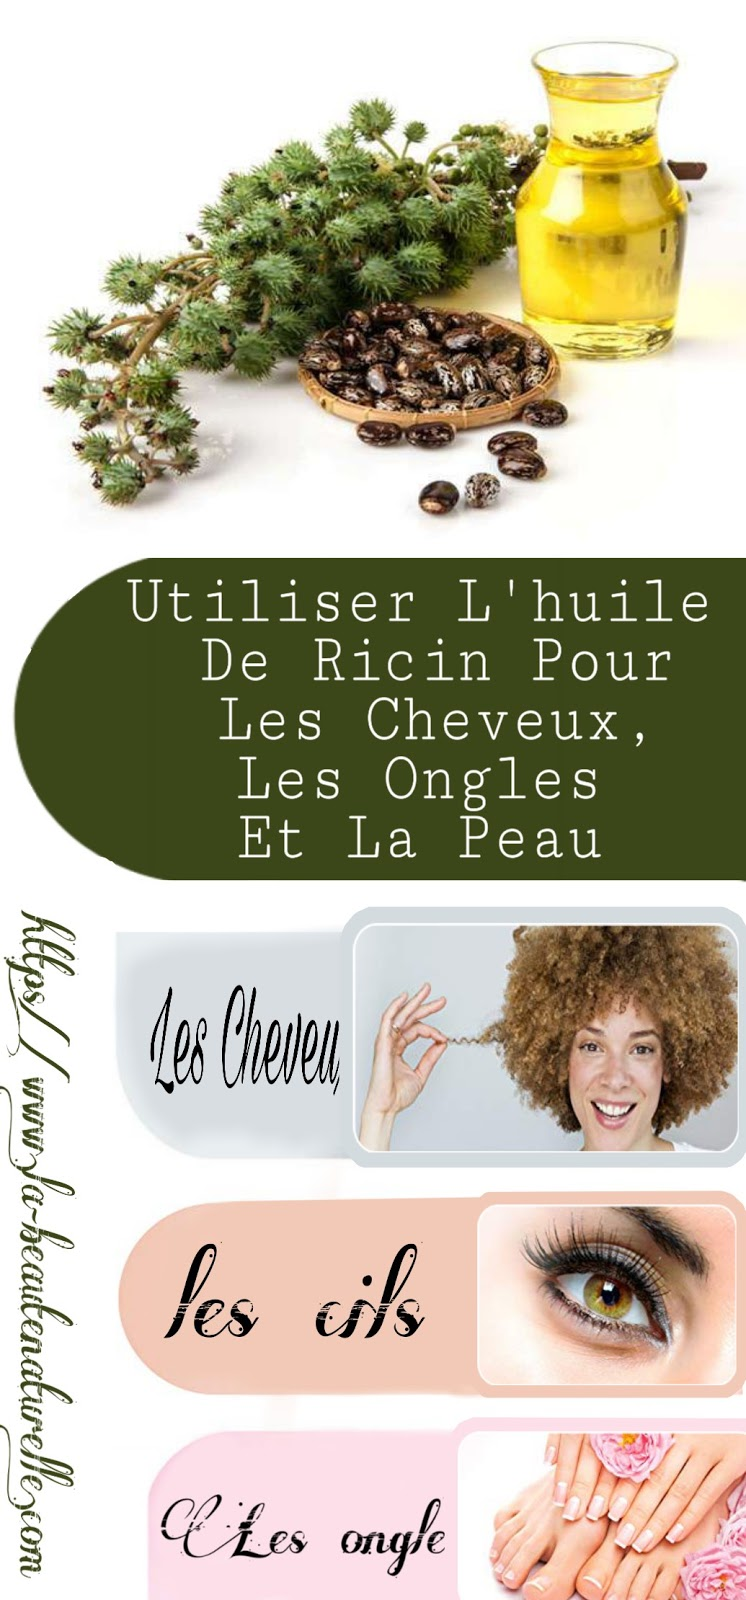 Utiliser L'huile De Ricin Pour Les Cheveux, Les Ongles Et La Peau